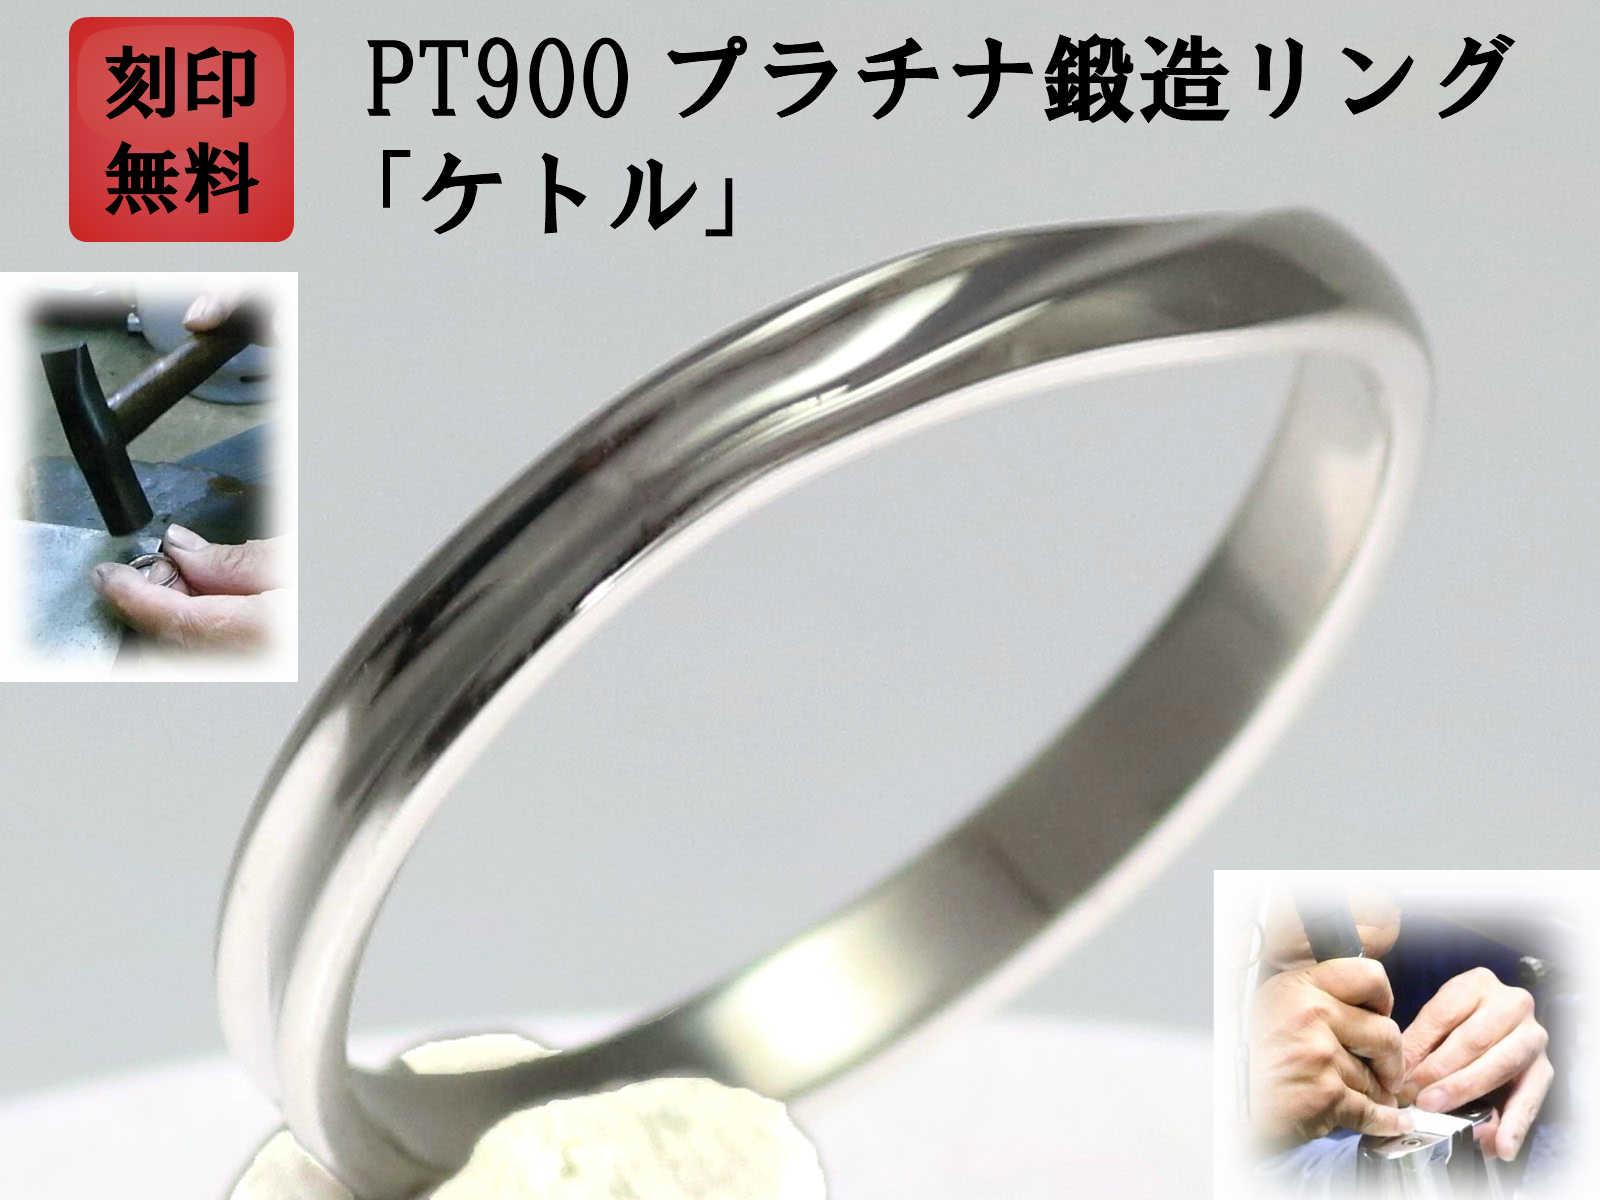 結婚指輪 マリッジリング プラチナ PT900 ペアリング 用 Marriage ring ペア リング 用 鍛造 甲丸 結婚 指輪 ブライダルリング 刻印無料 リング レディース メンズ 両用【サマーセール】「ケルト」